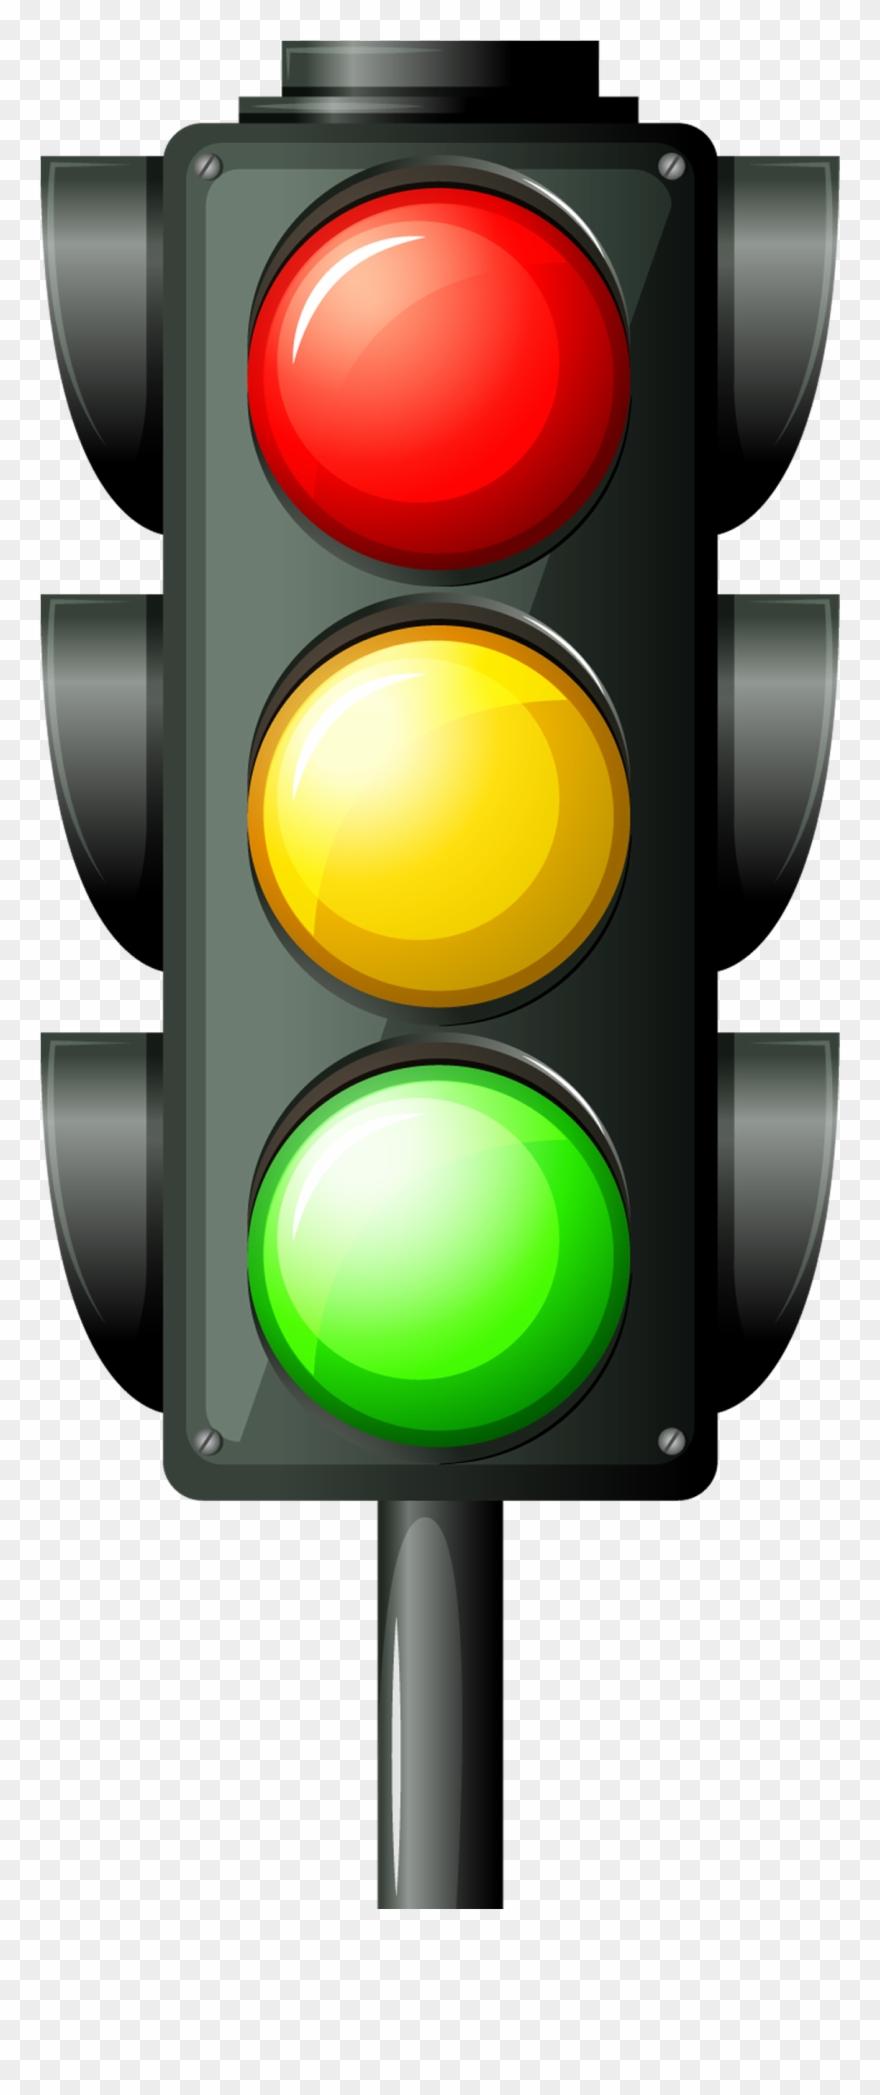 Traffic Light Clip Art.